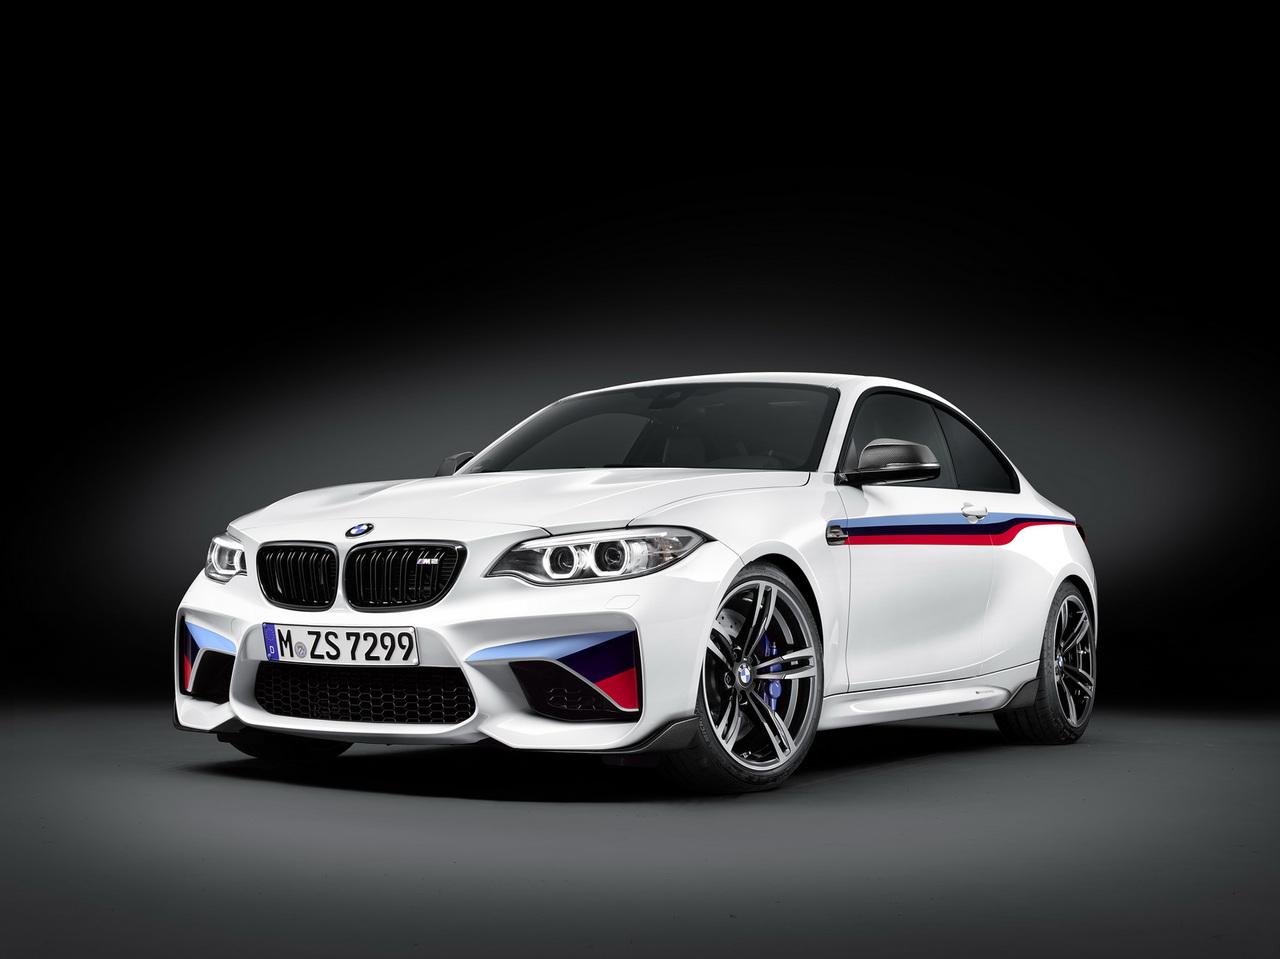 BMW M2 получил управление выхлопом по Bluetooth